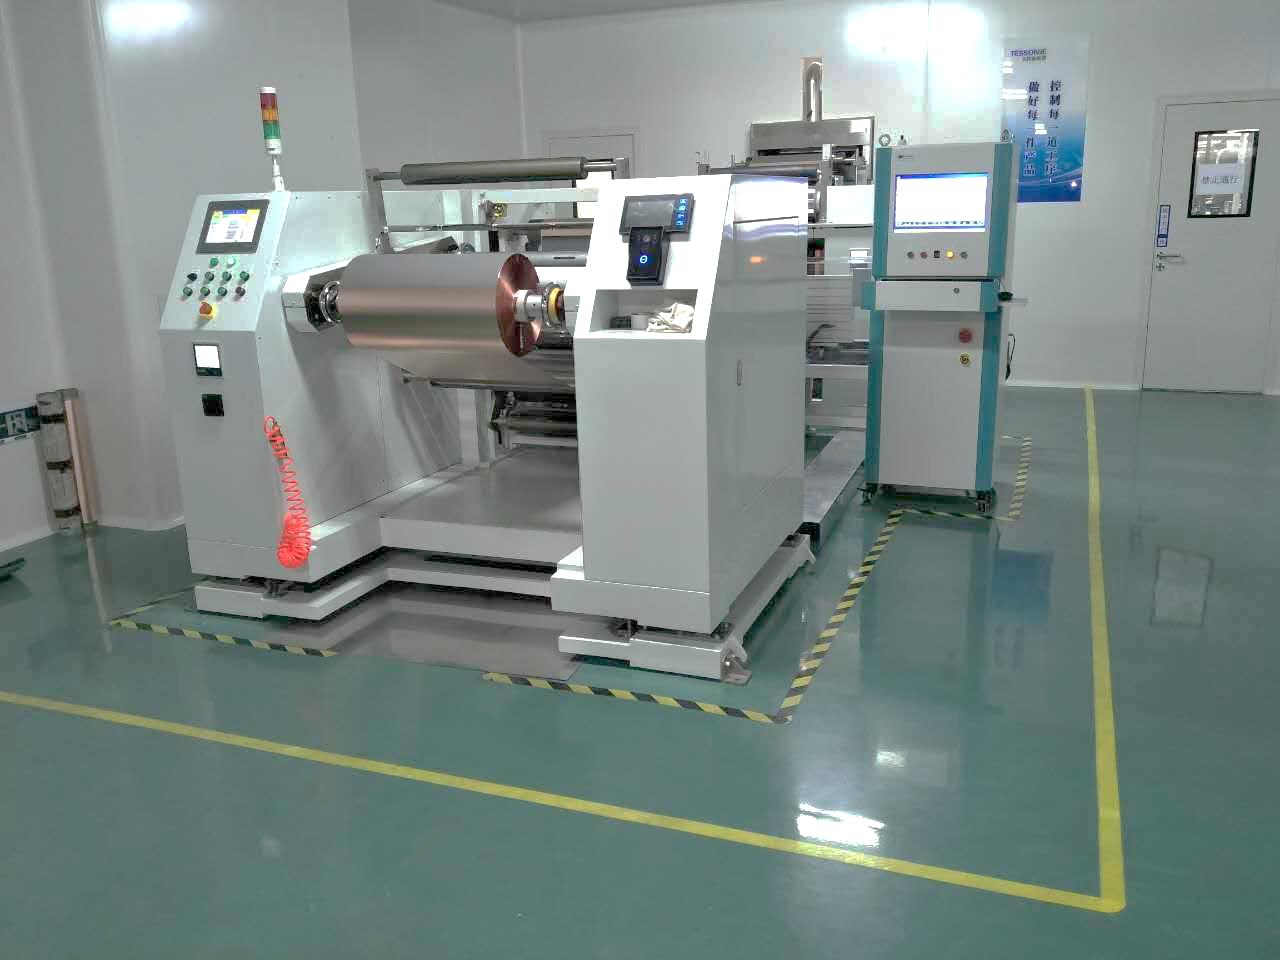 北方华创推出两款新型设备助力高效锂离子动力电池生产